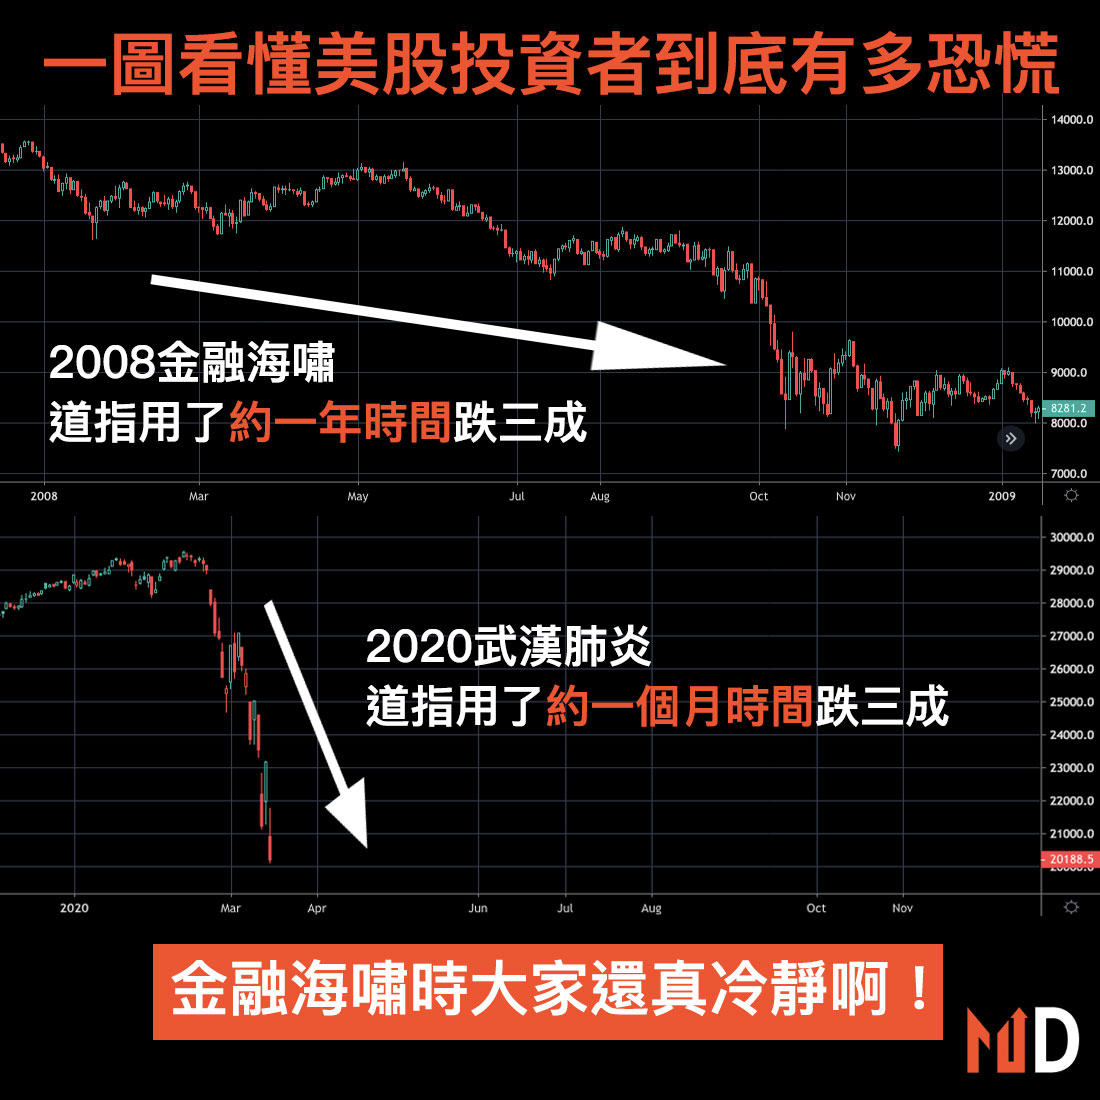 【圖解股市】一圖看懂美股投資者到底有多恐慌